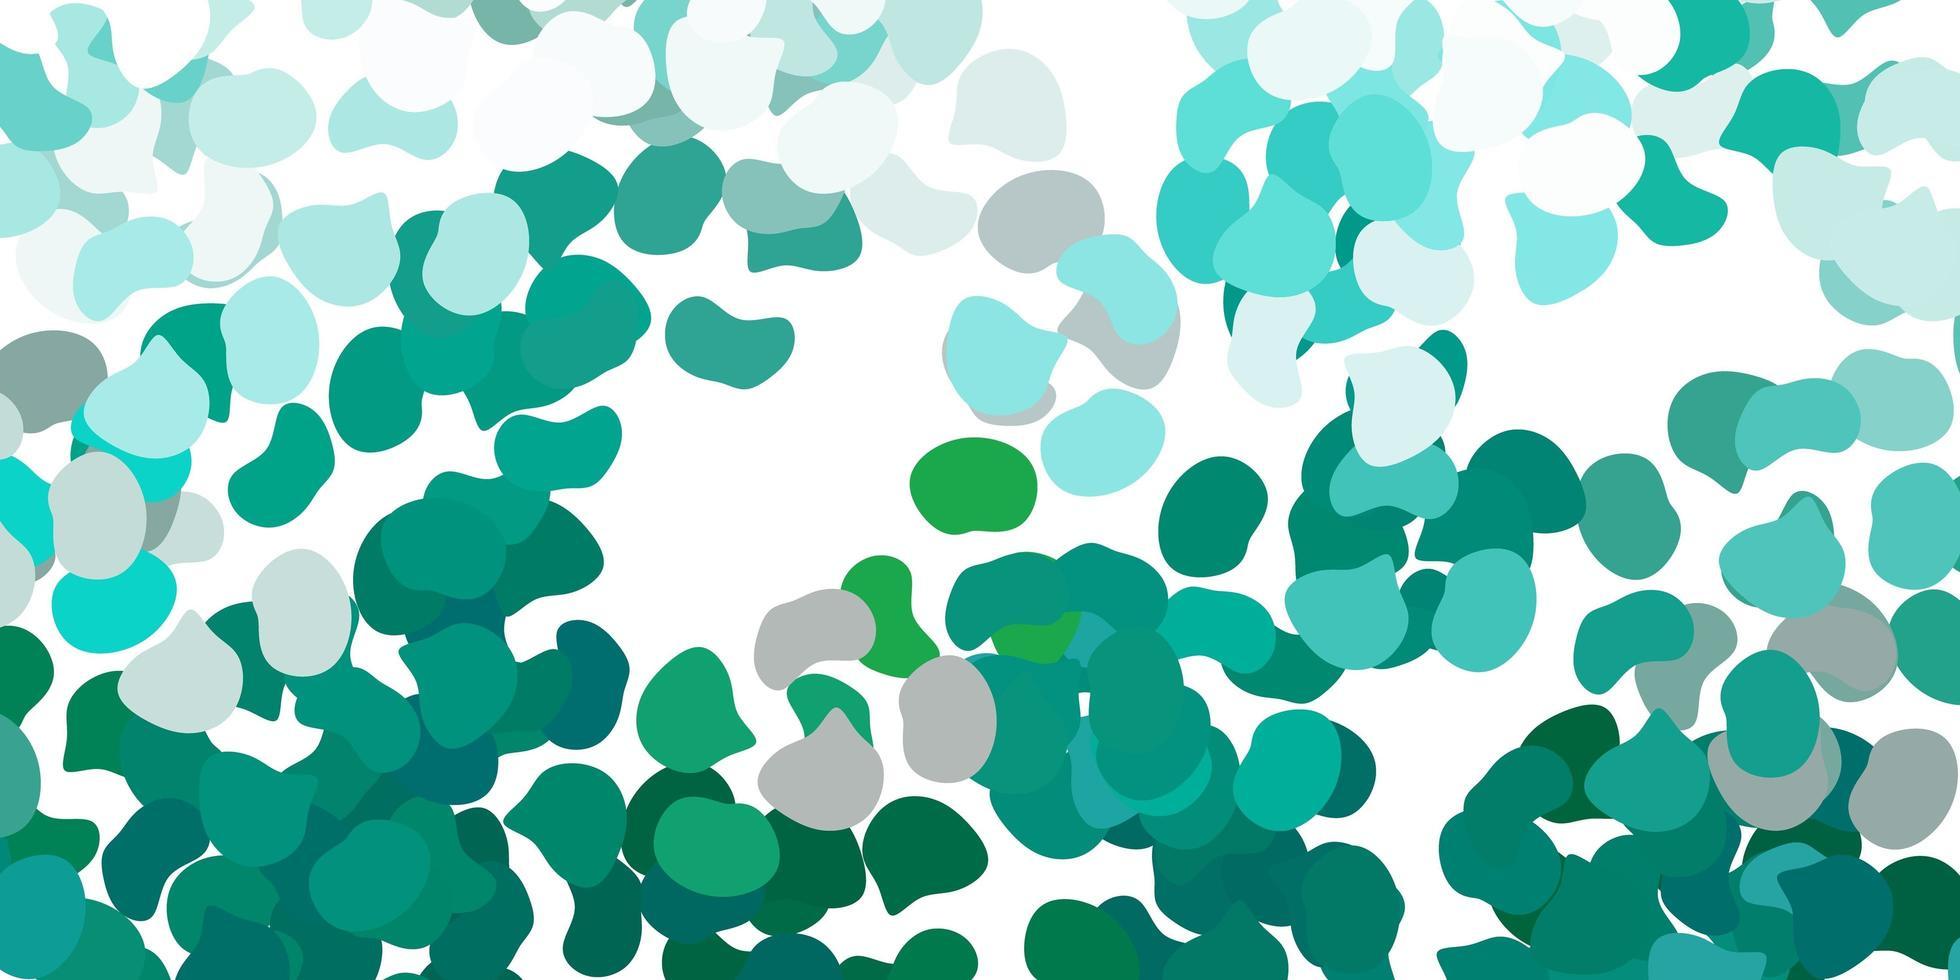 plantilla de vector verde claro con formas abstractas.